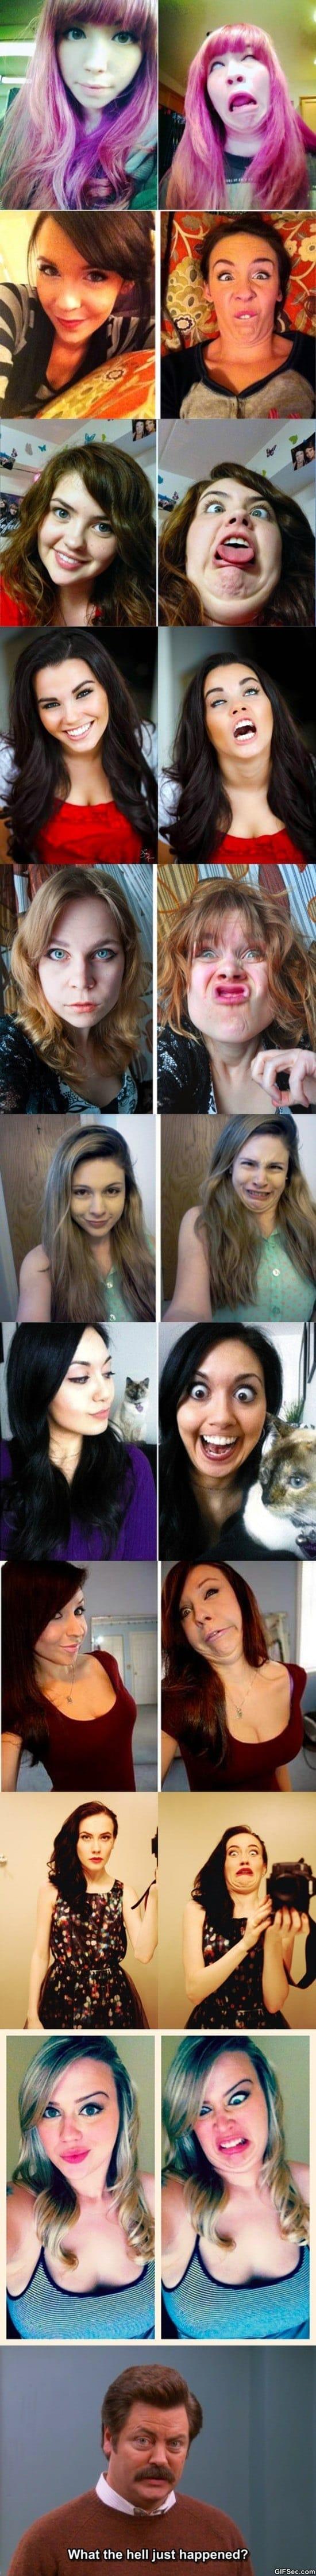 girl-faces